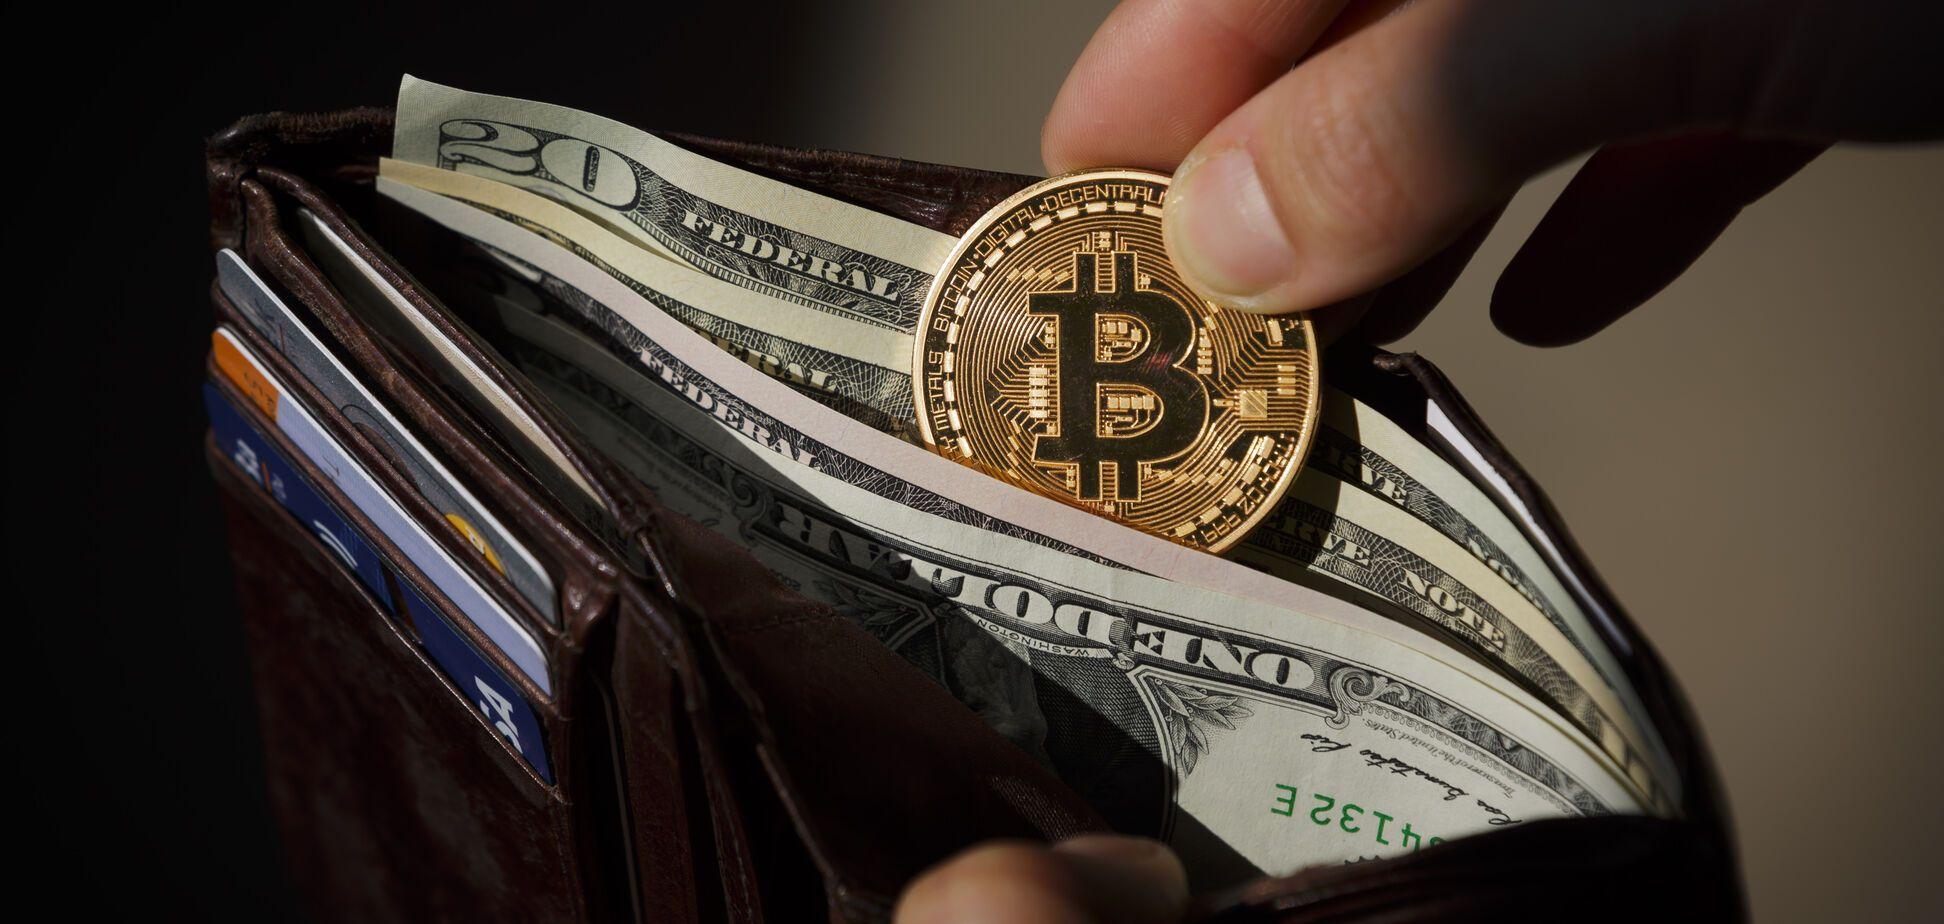 Забрали 6 млн: в Украине ограбили крупного владельца биткоинов